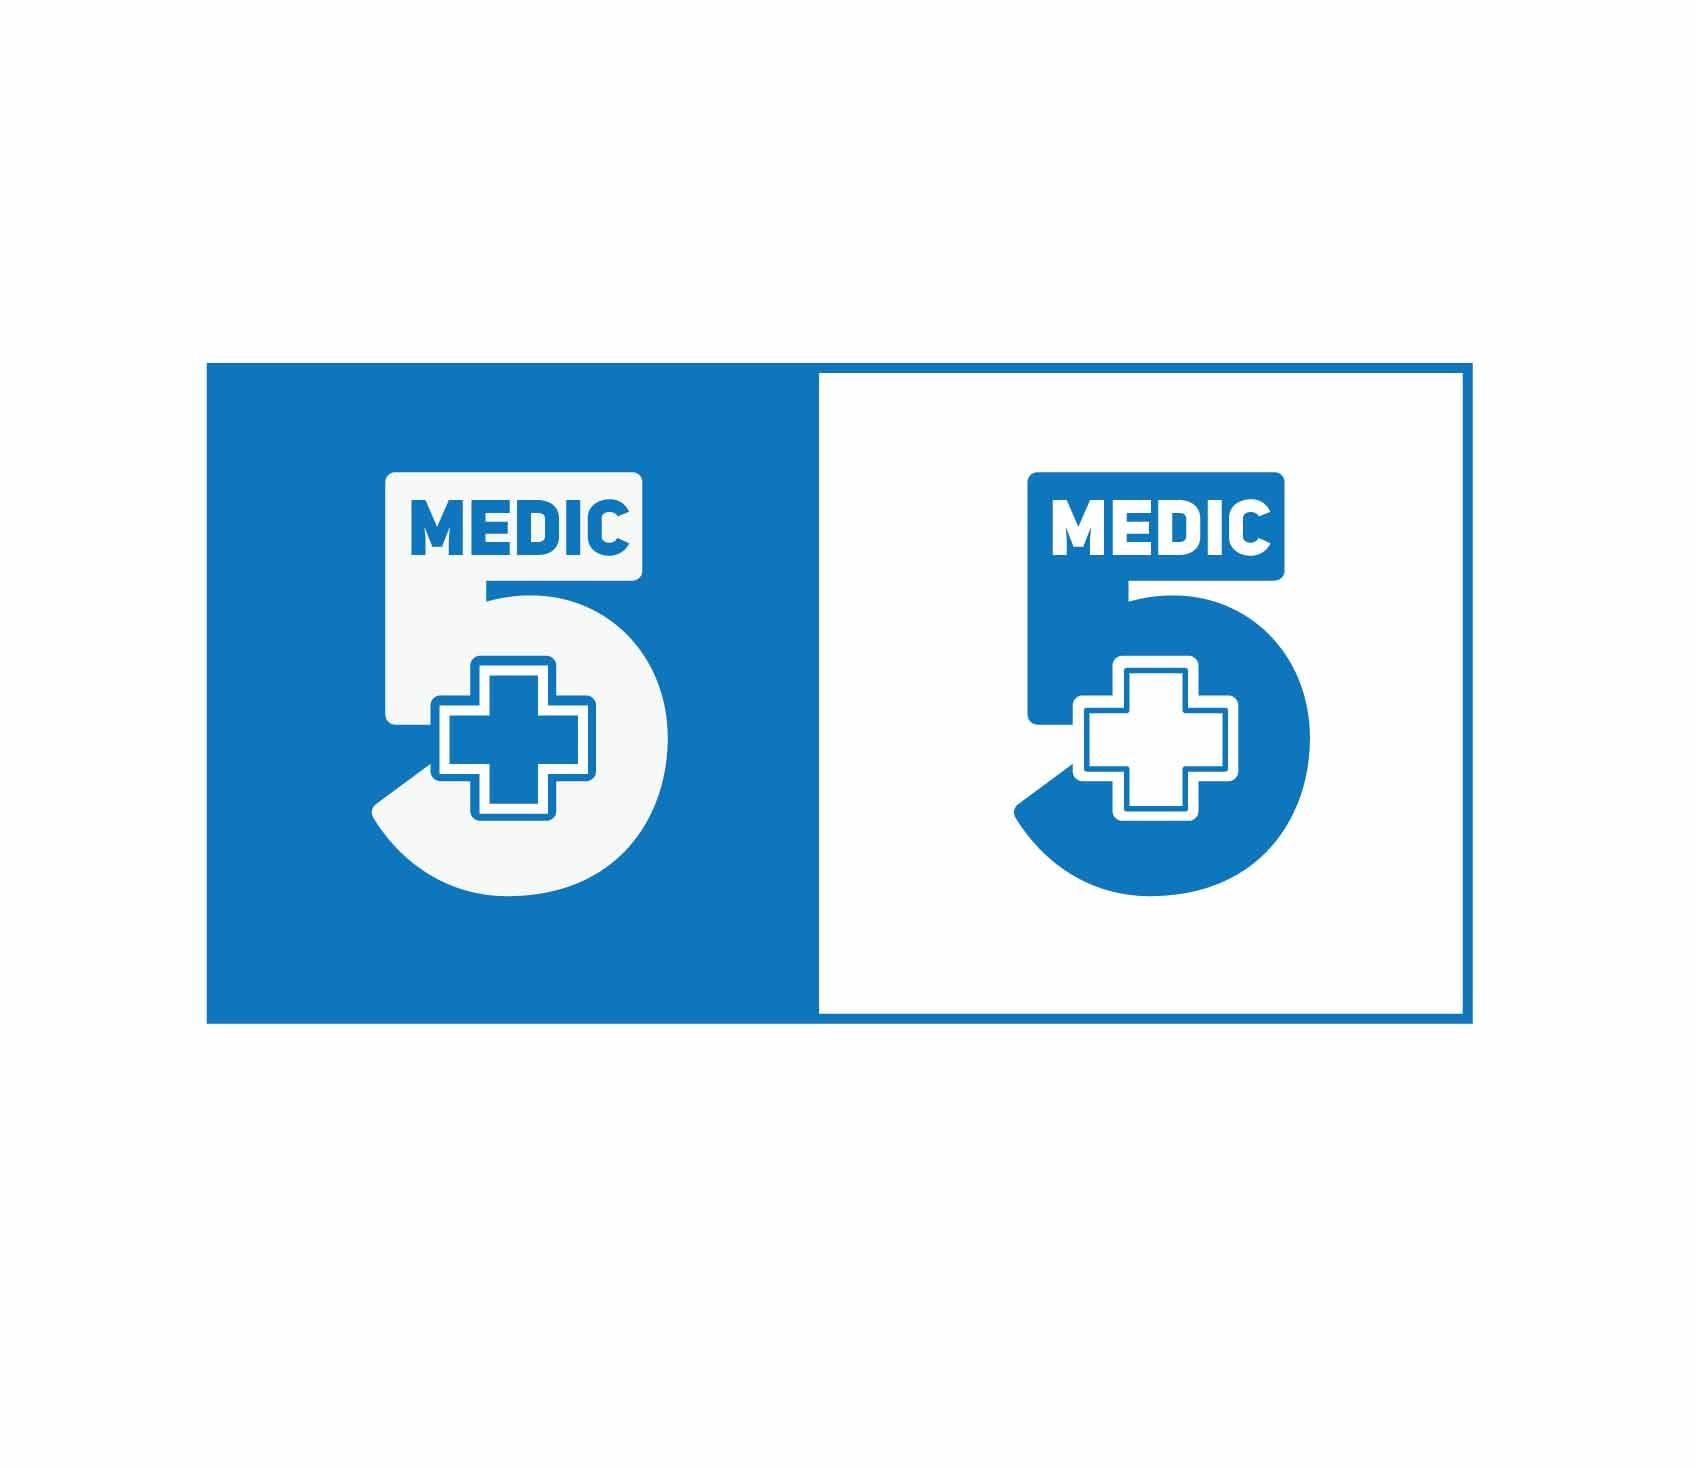 Готовый логотип или эскиз (мед. тематика) фото f_03855ab560da836d.jpg